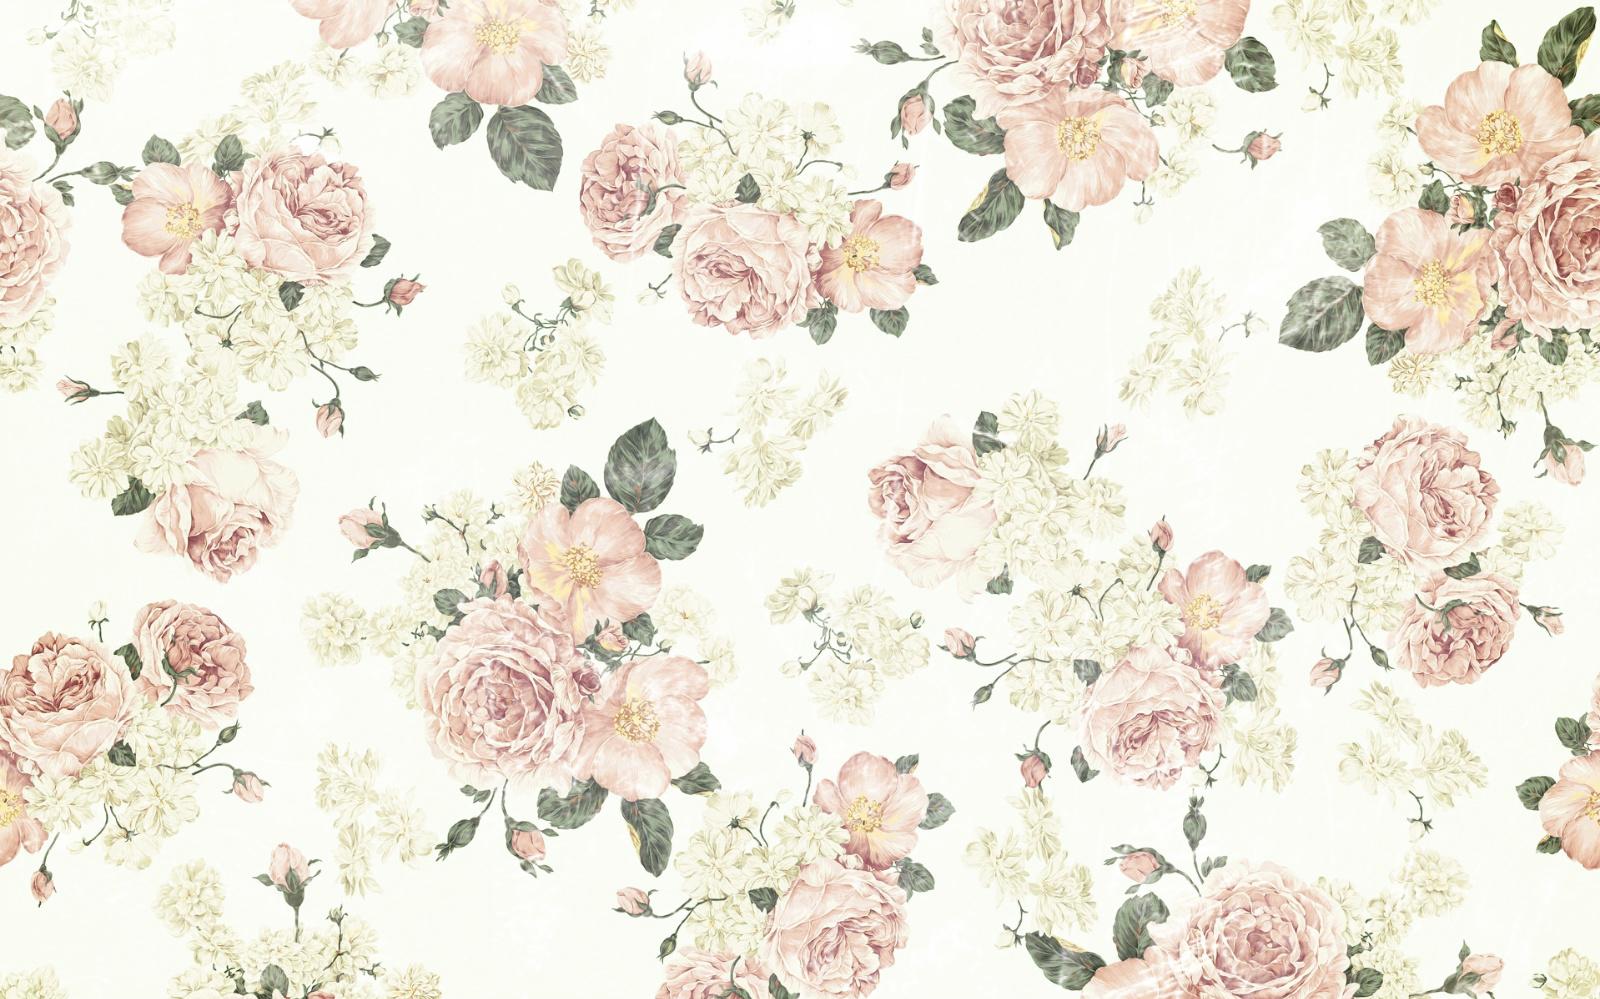 Fantastic Wallpaper Home Screen Rose Gold - dun  Graphic_1007866.jpg